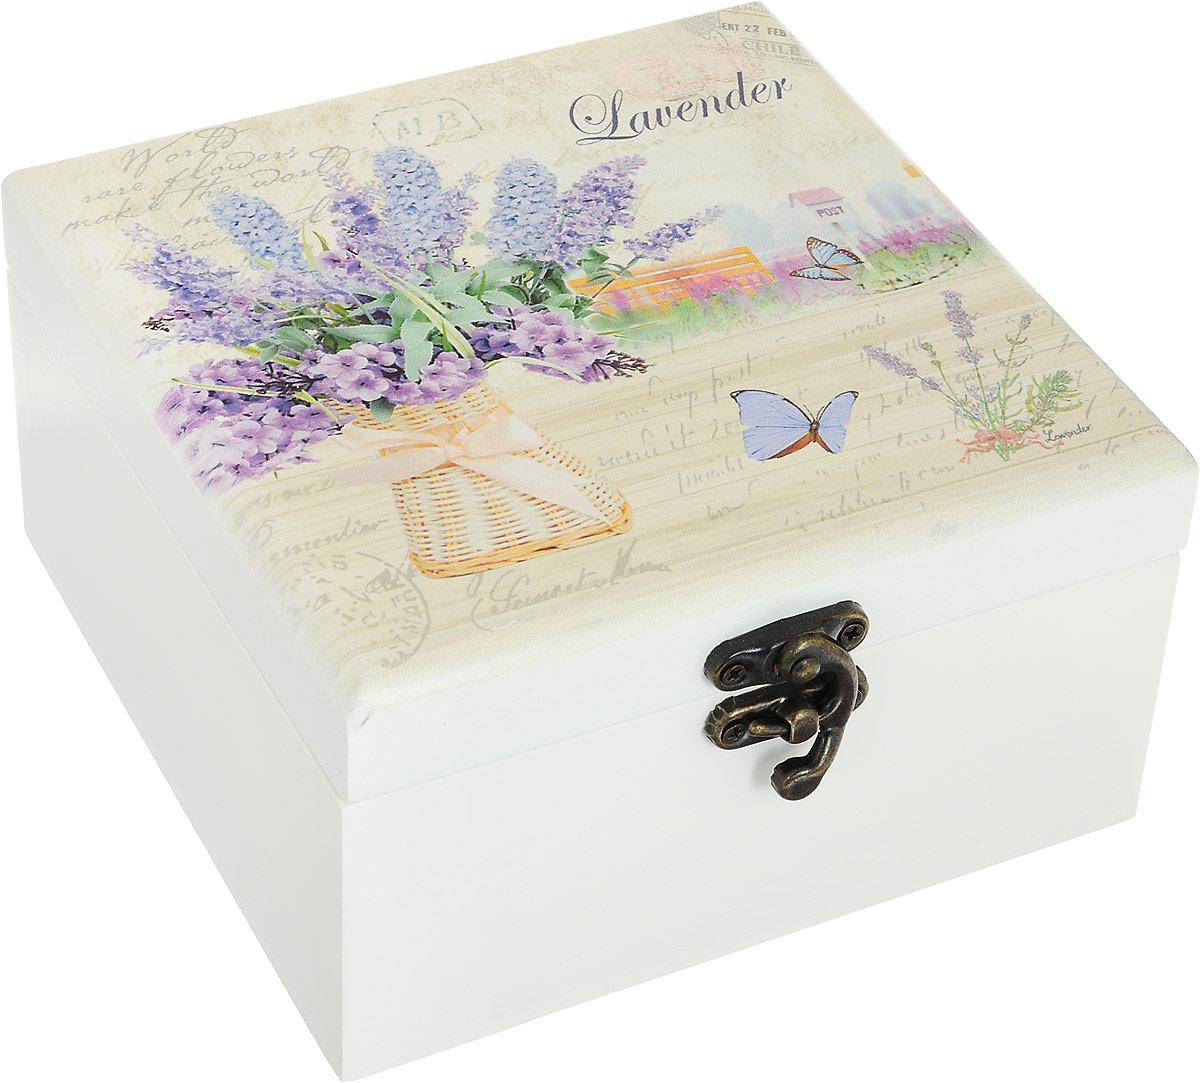 Шкатулка для ювелирных украшений Win Max, 15 х 16 х 9 см. 38833 шкатулка для украшений umbra trinity цвет белый 13 9 х 13 9 х 8 9 см